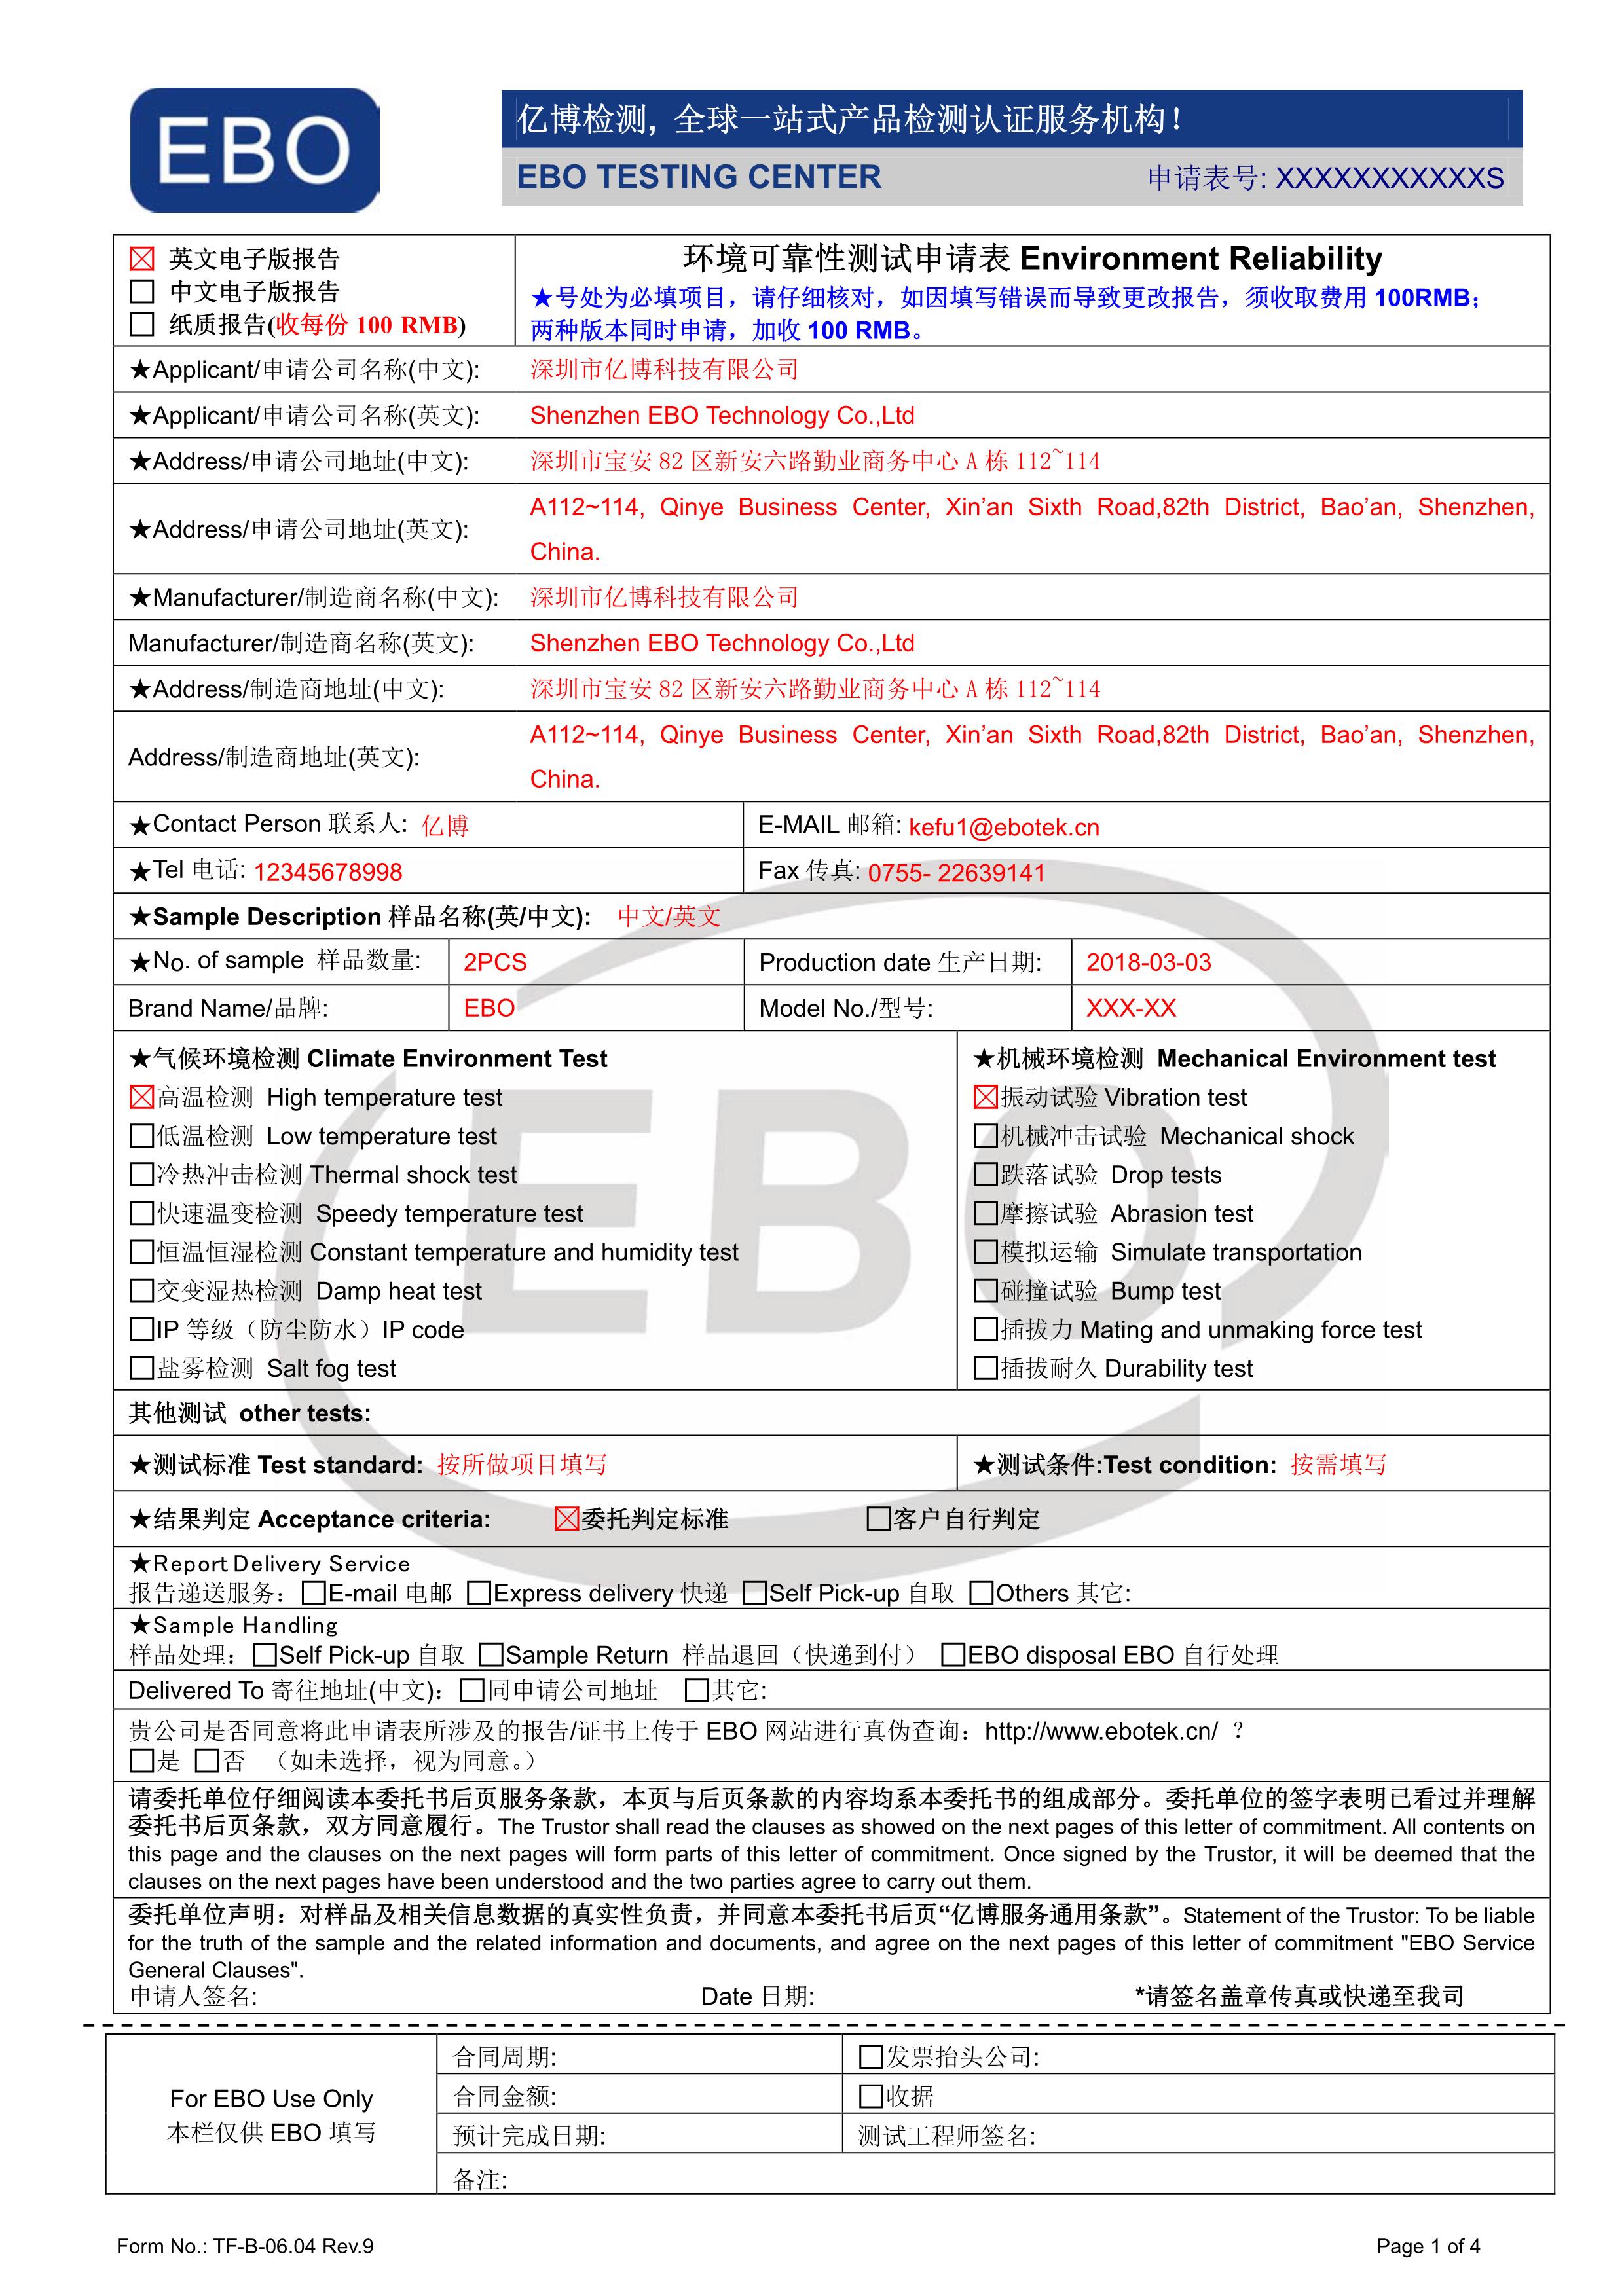 环境可靠性申请表填写模板